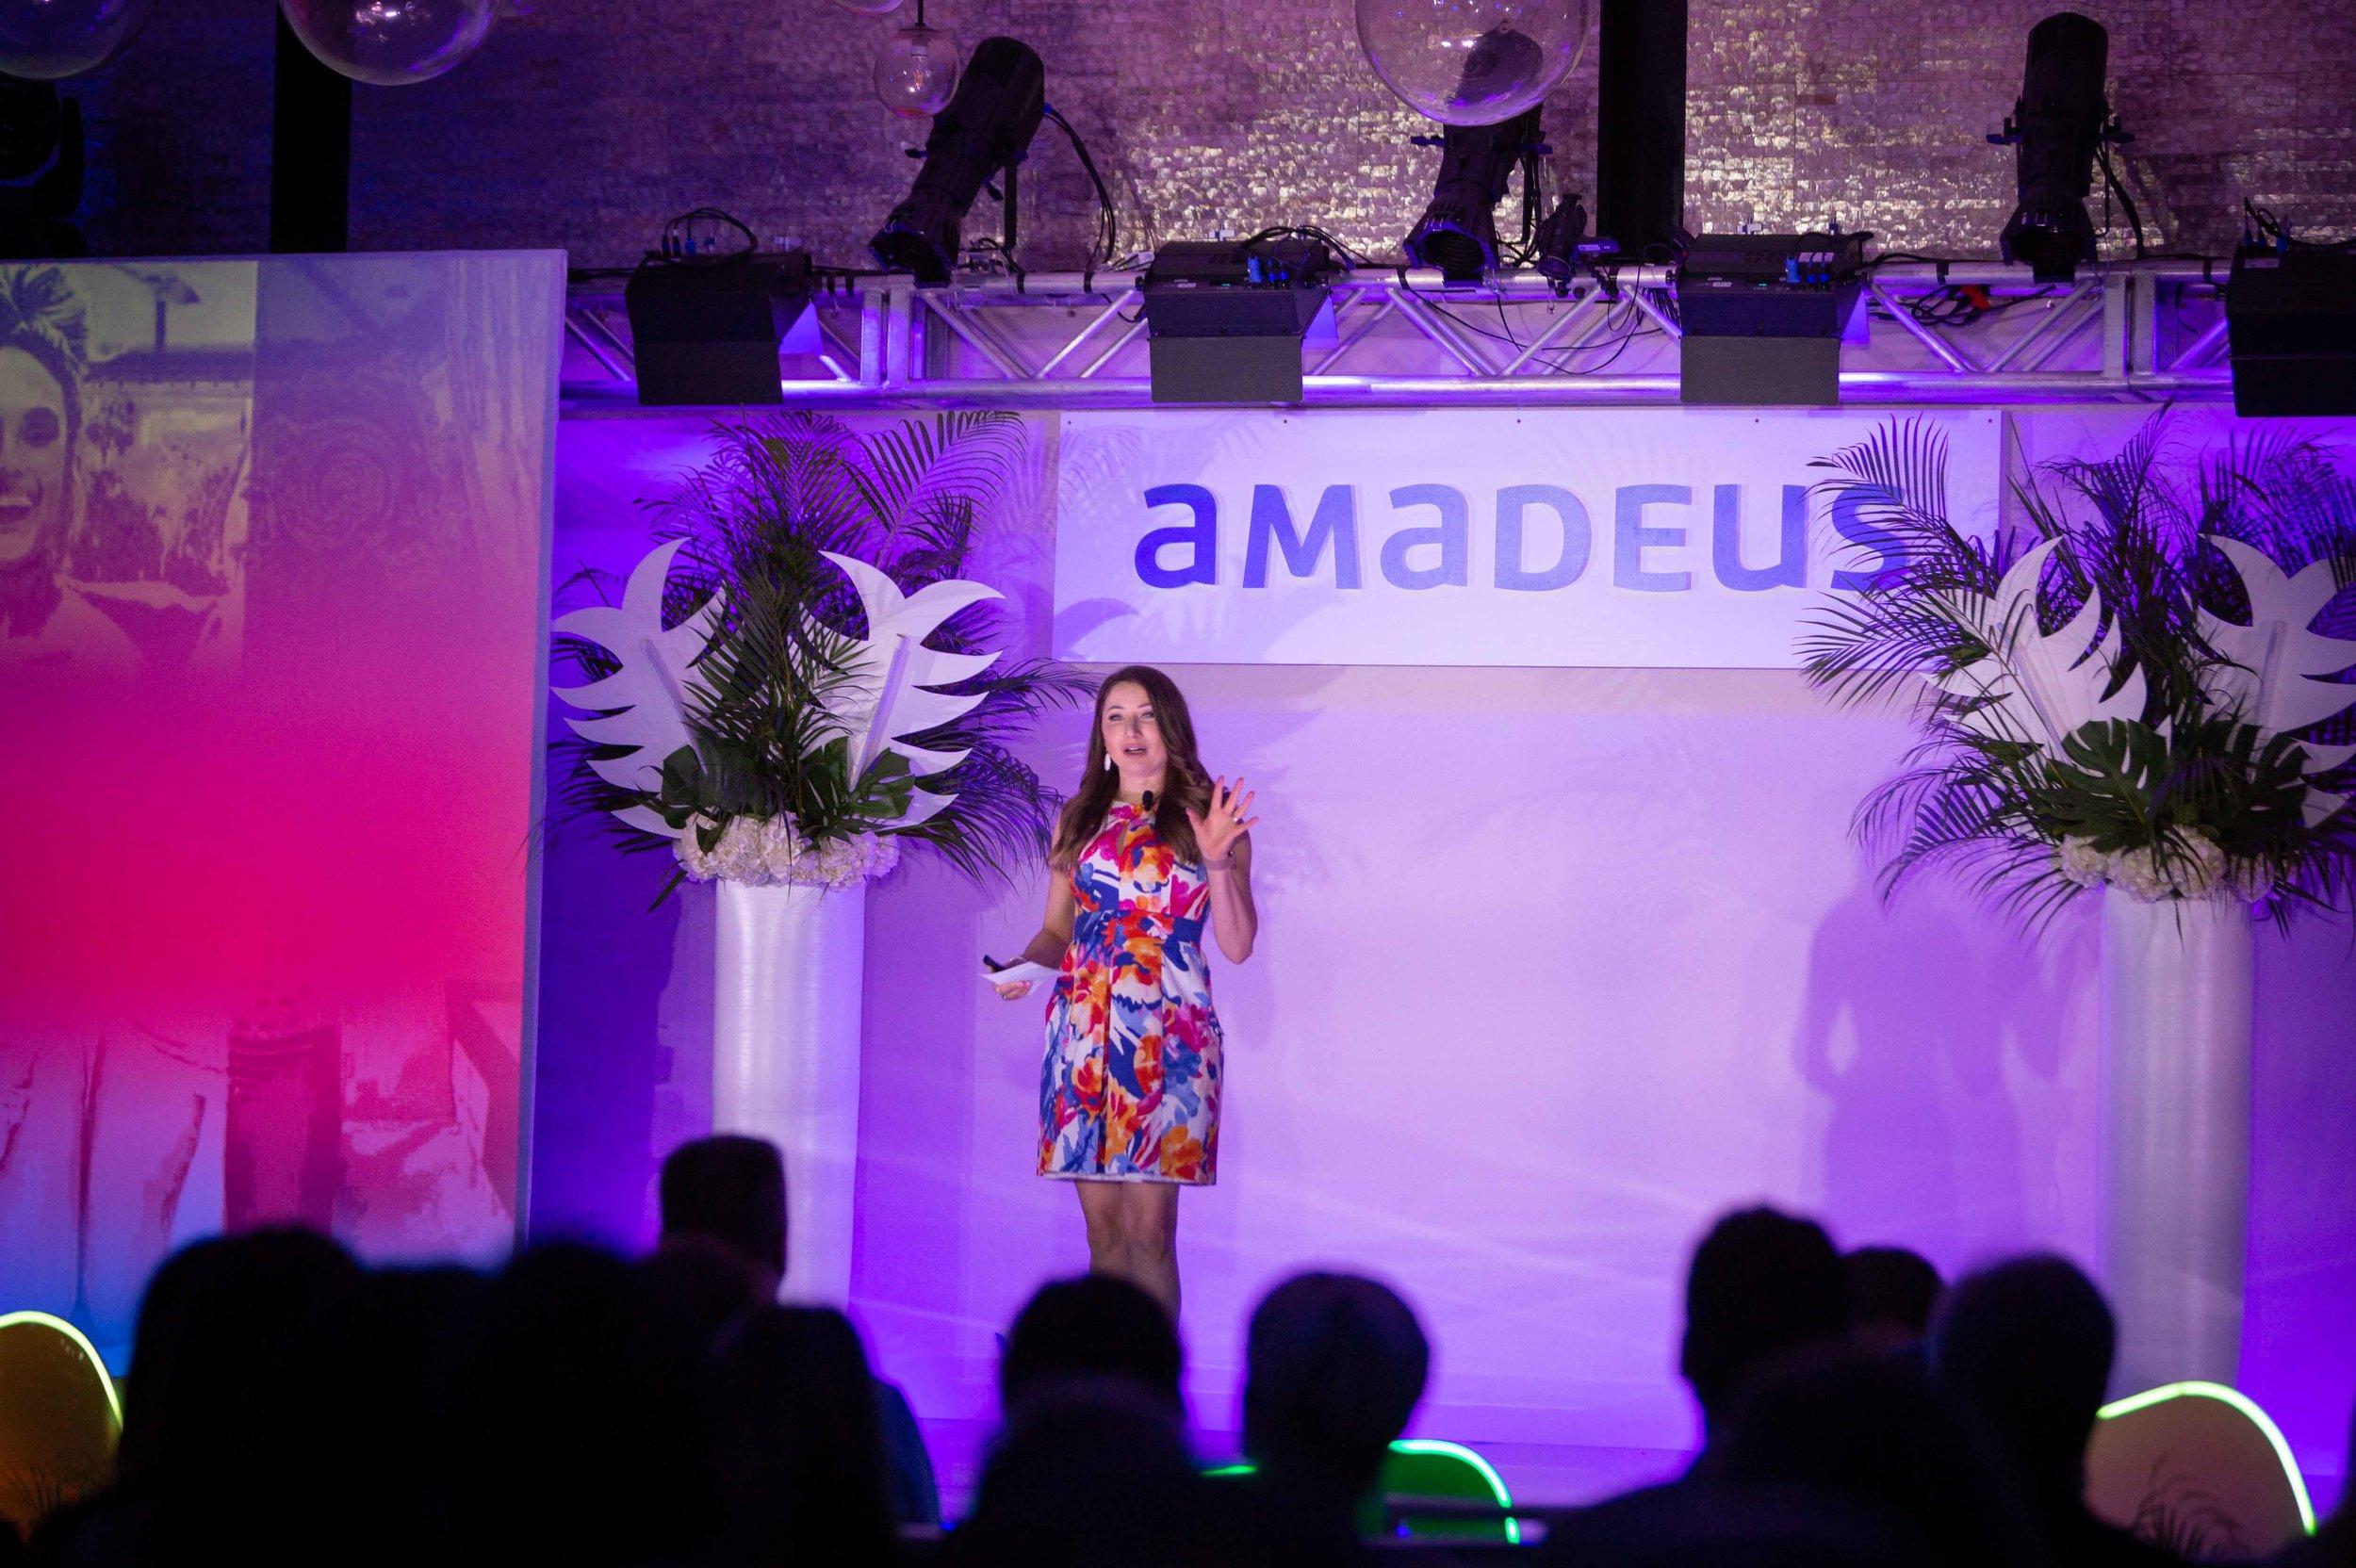 091-malloy-events-miami-conference-by-brianadamsphoto.com.jpg